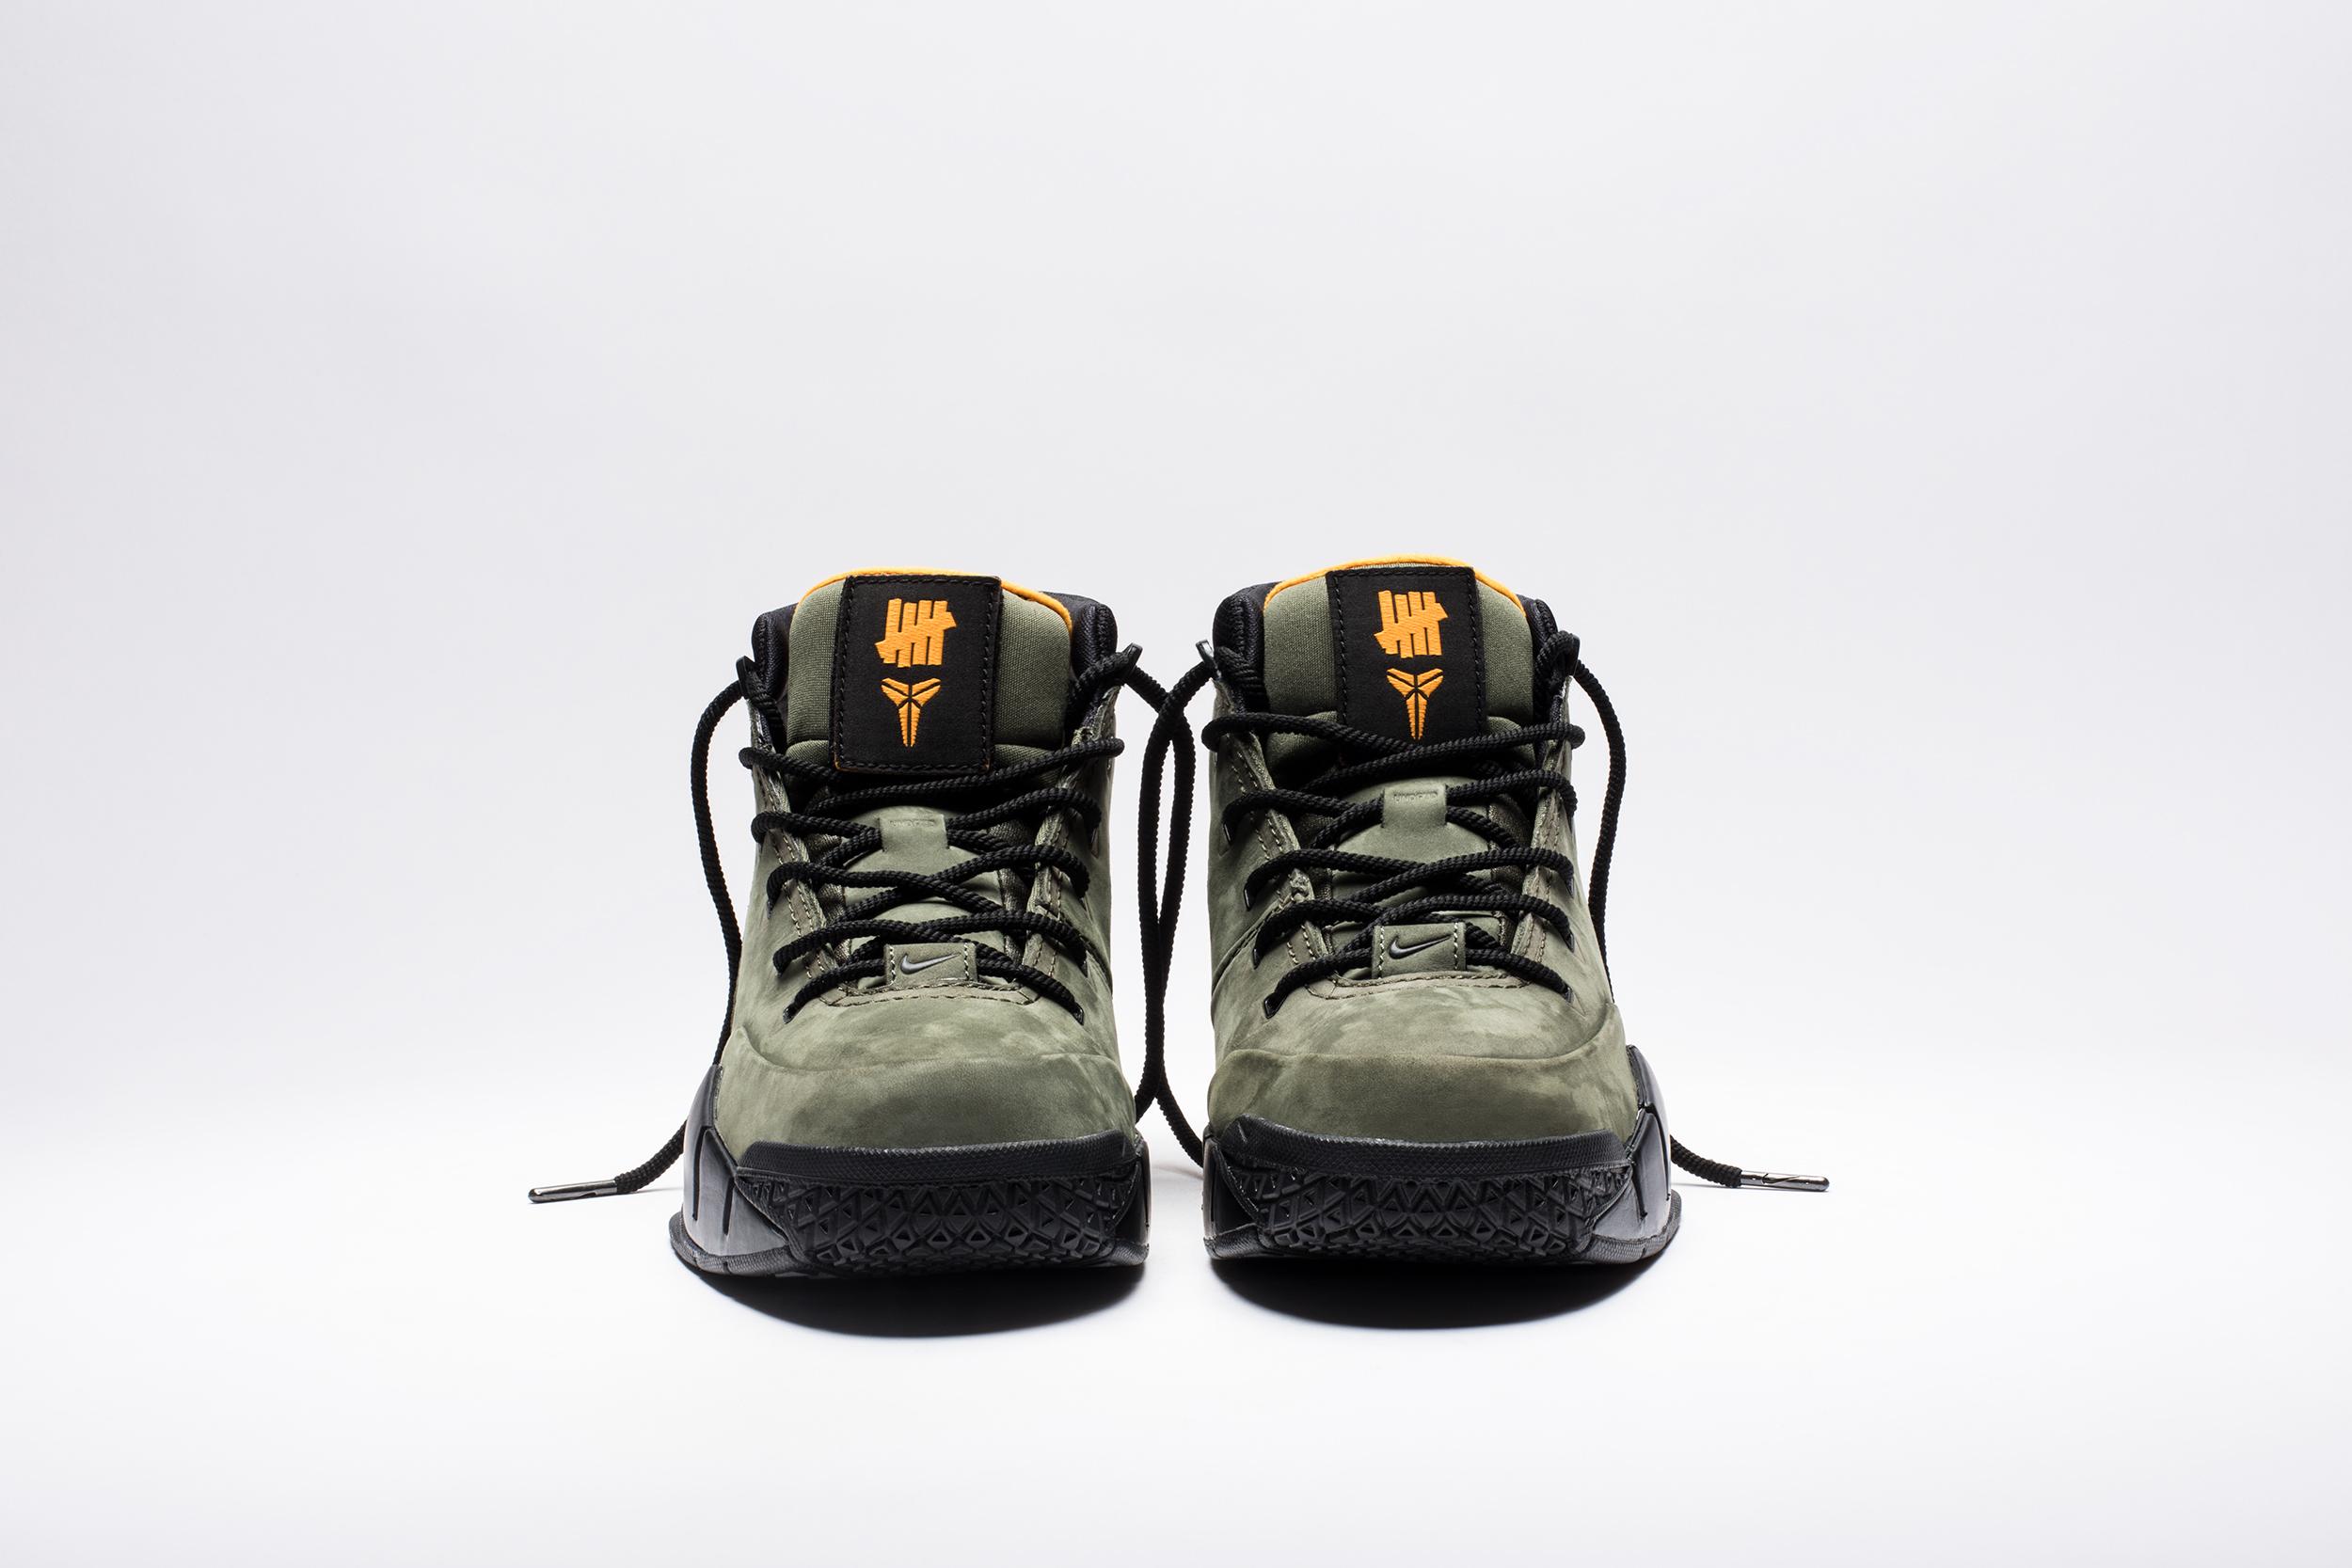 1ea29f458bbd Nike-Kobe-1-Protro-UNDFTD-Flight-Jacket-2 - WearTesters